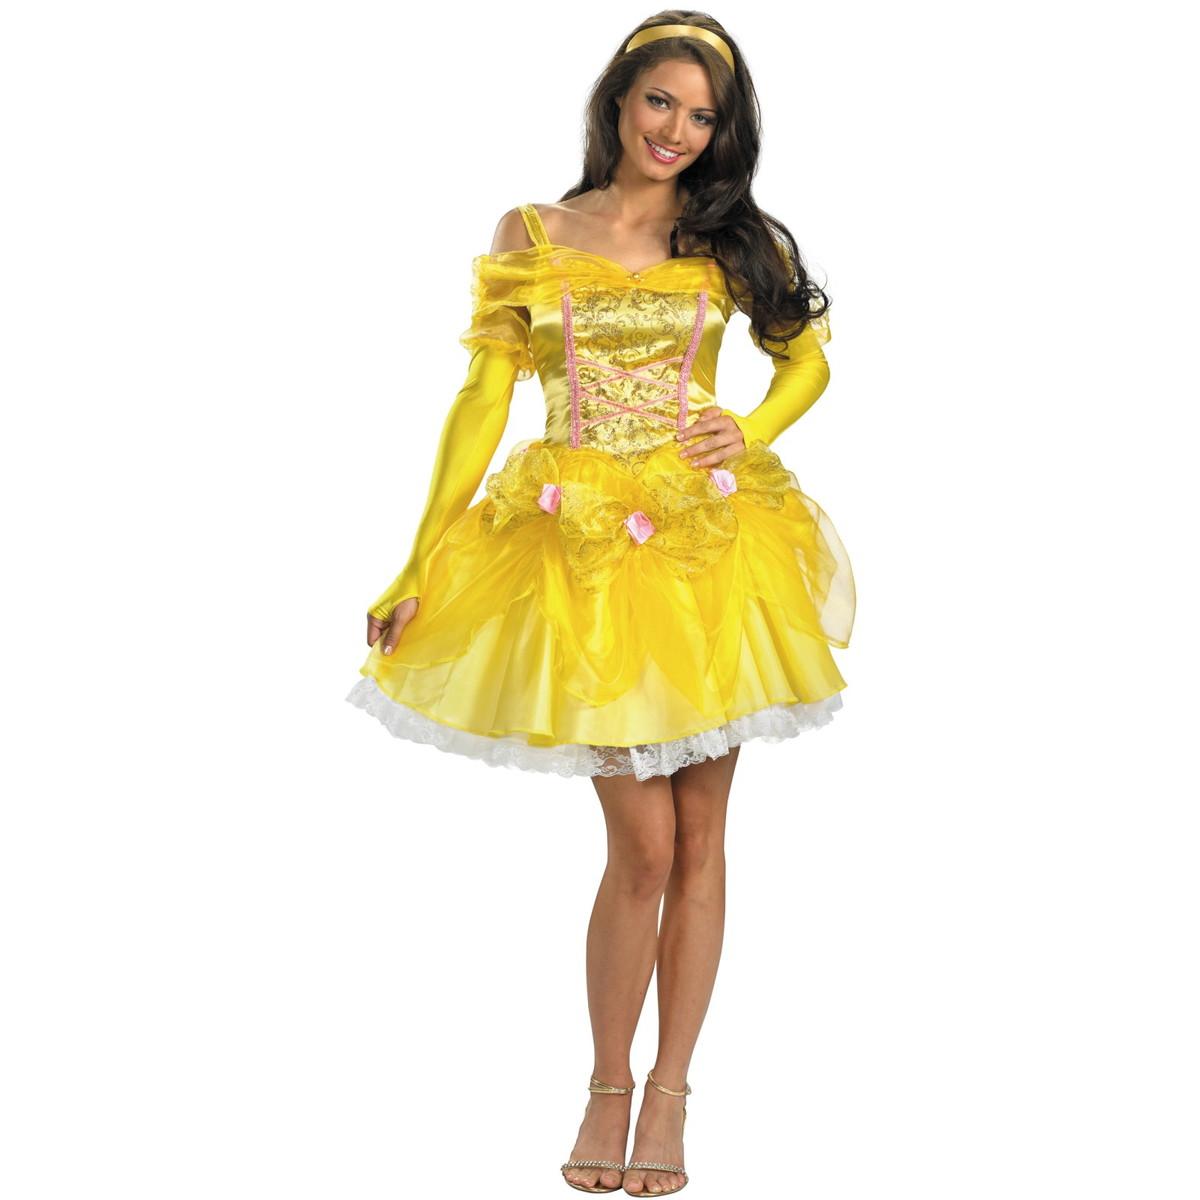 ディズニー プリンセス コスチューム 大人 ハロウィン ベル ドレス 衣装 美女と野獣 コスプレ 女性用 レディース 仮装 グッズ